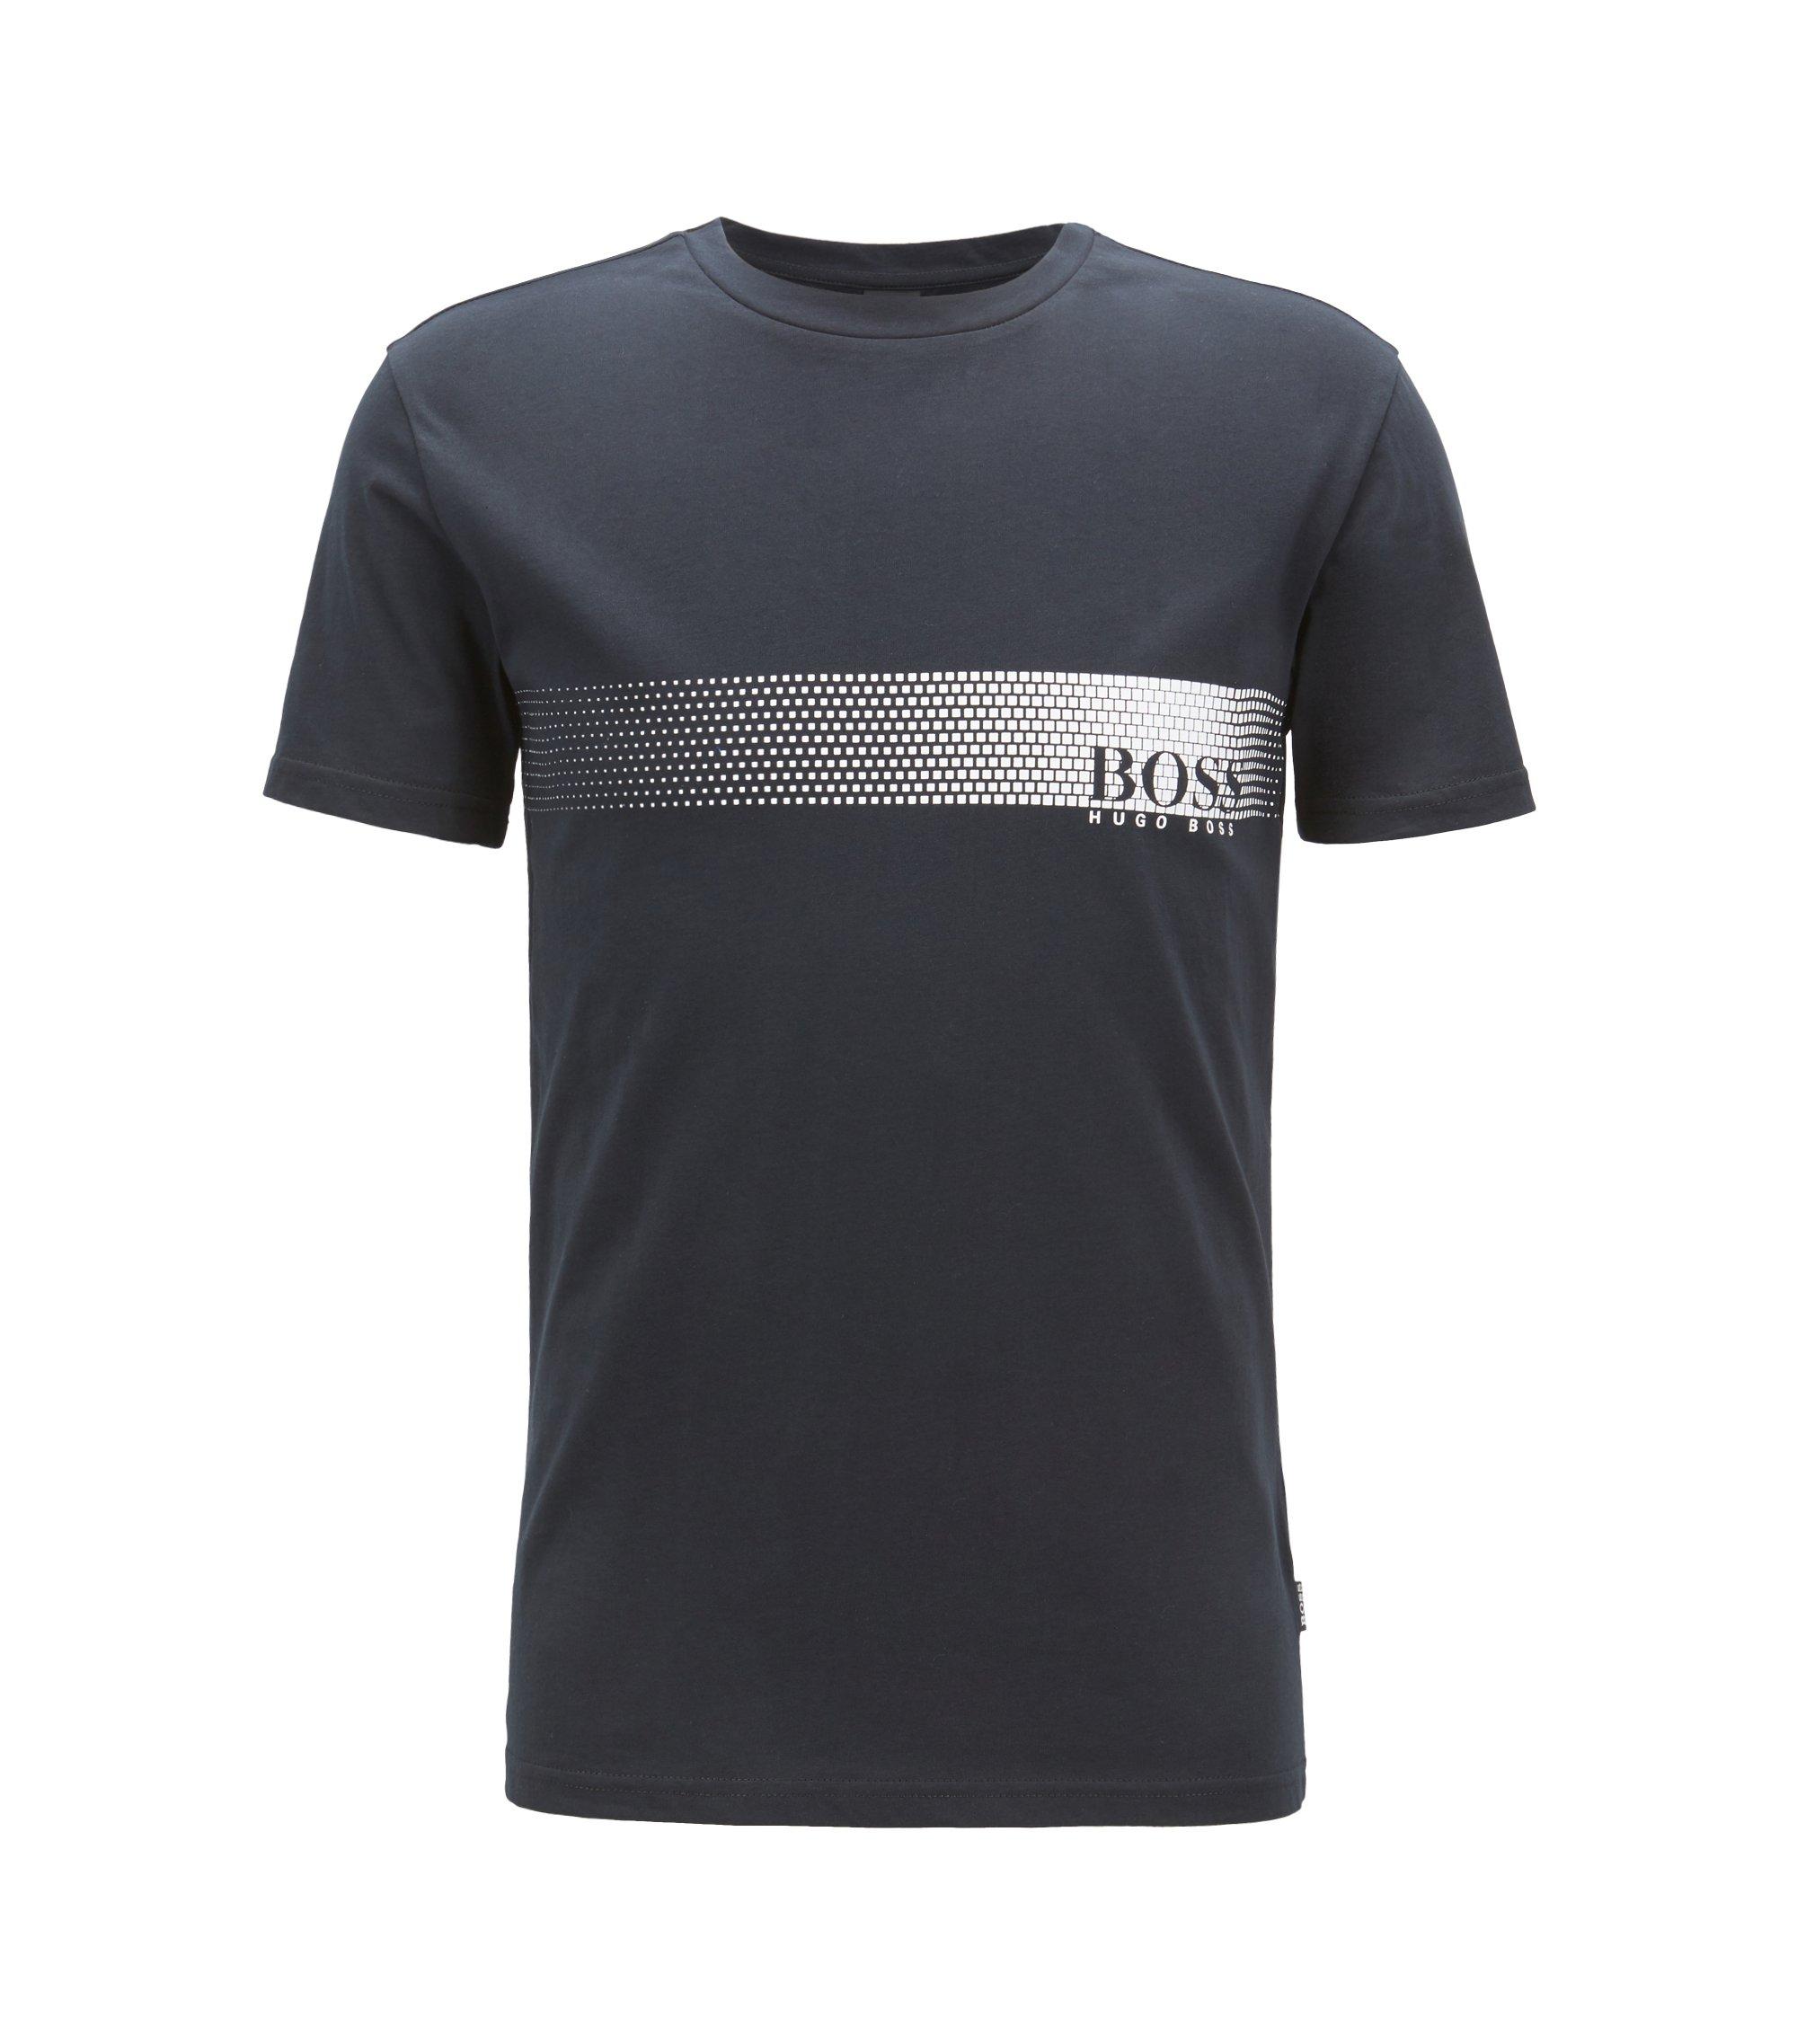 T-shirt anti-UV in cotone con logo, Nero